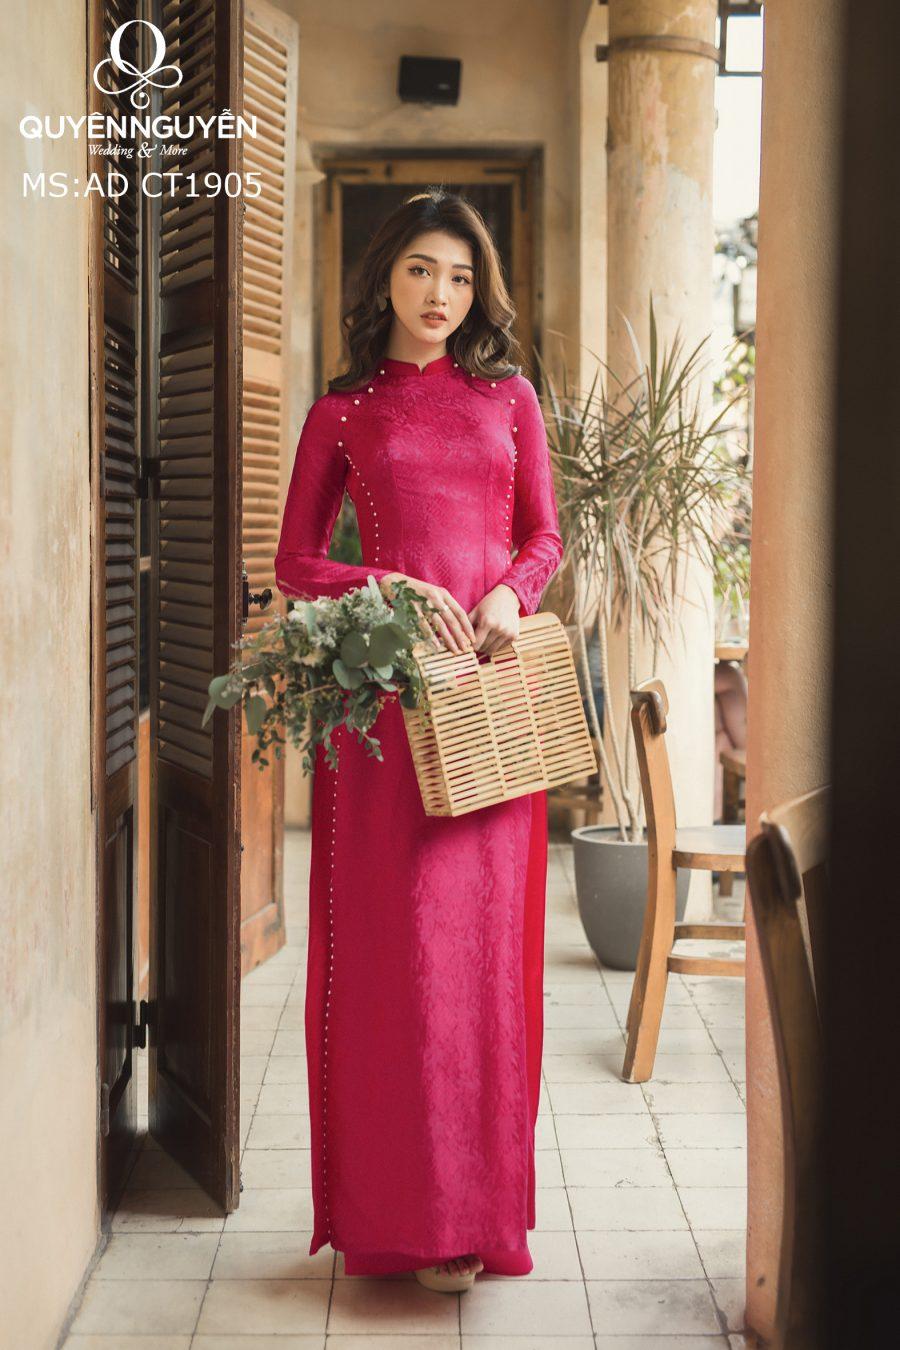 Áo dài lụa là hồng cánh sen họa tiết gấm đính khuy ngọc trai AD CT-1905